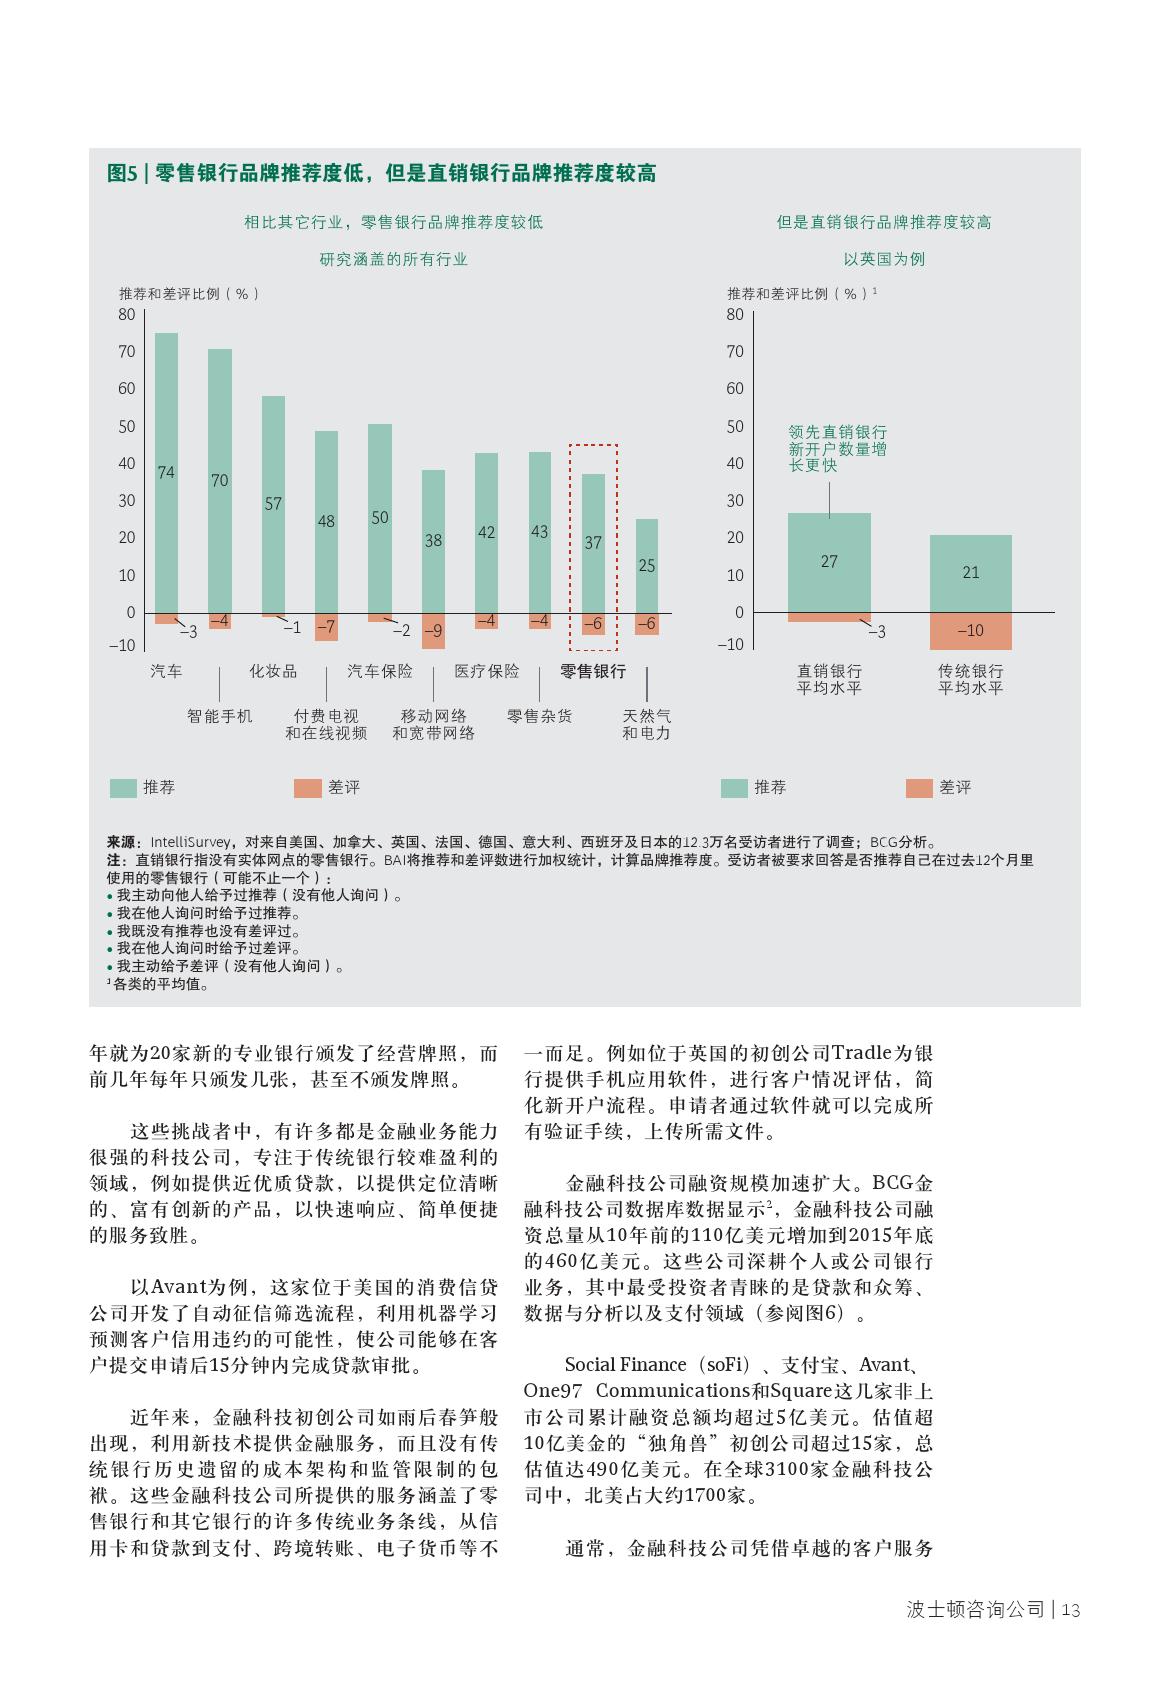 2016年全球零售银行业报告_000015